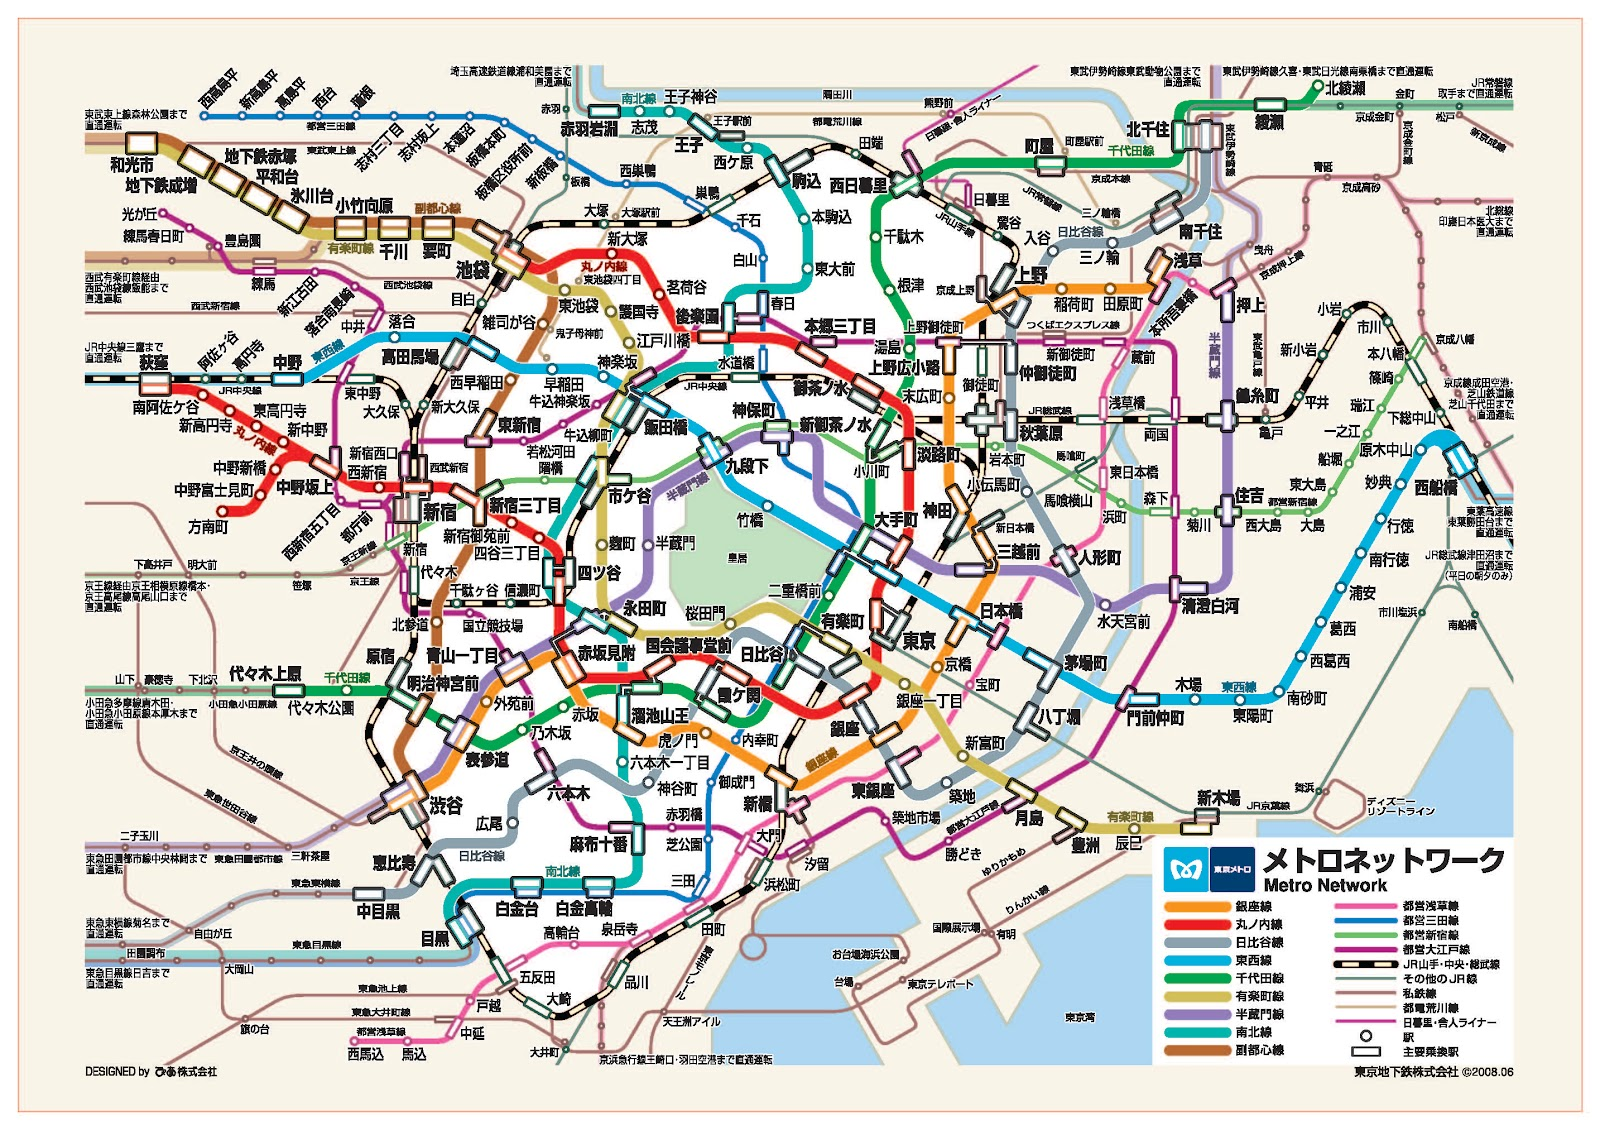 東京jr地鐵圖 pdf - 東京jr地鐵圖 pdf  - 快熱資訊 - 走進時代